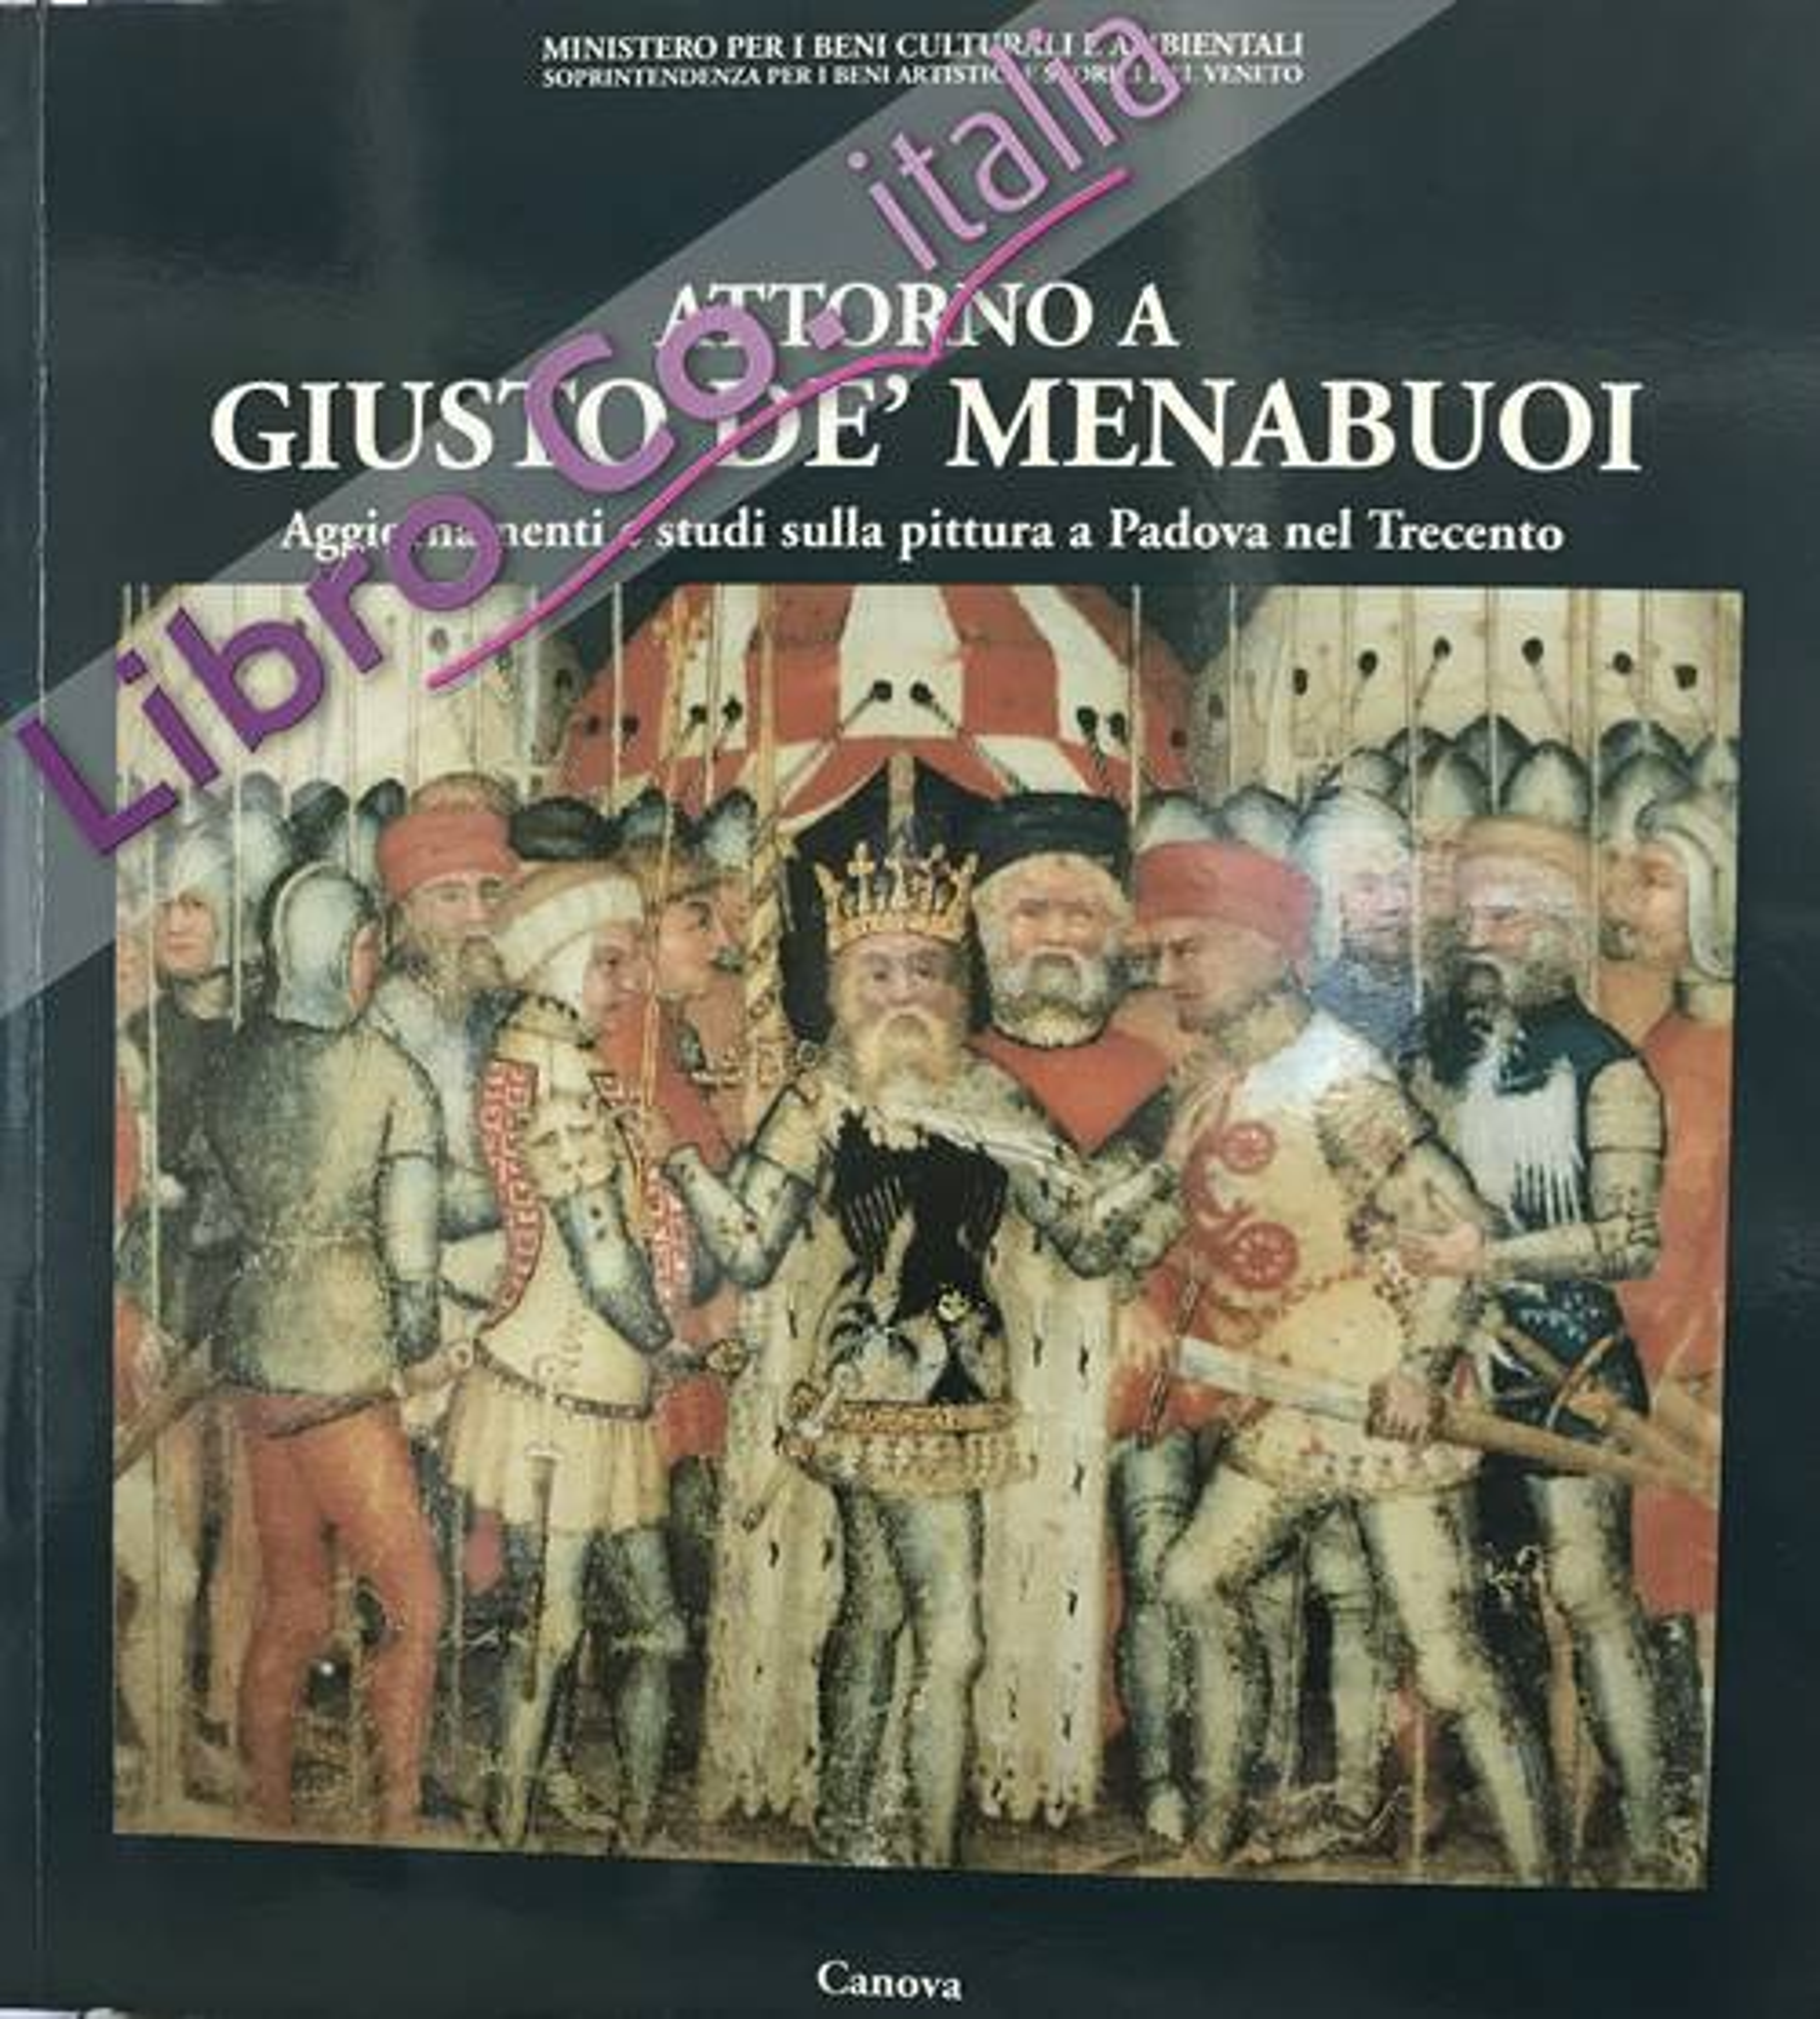 Attorno a Giusto de' Menabuoi. Aggiornamenti e studi sulla pittura a Padova nel Trecento. Atti della giornata di studio 18 dicembre 1990